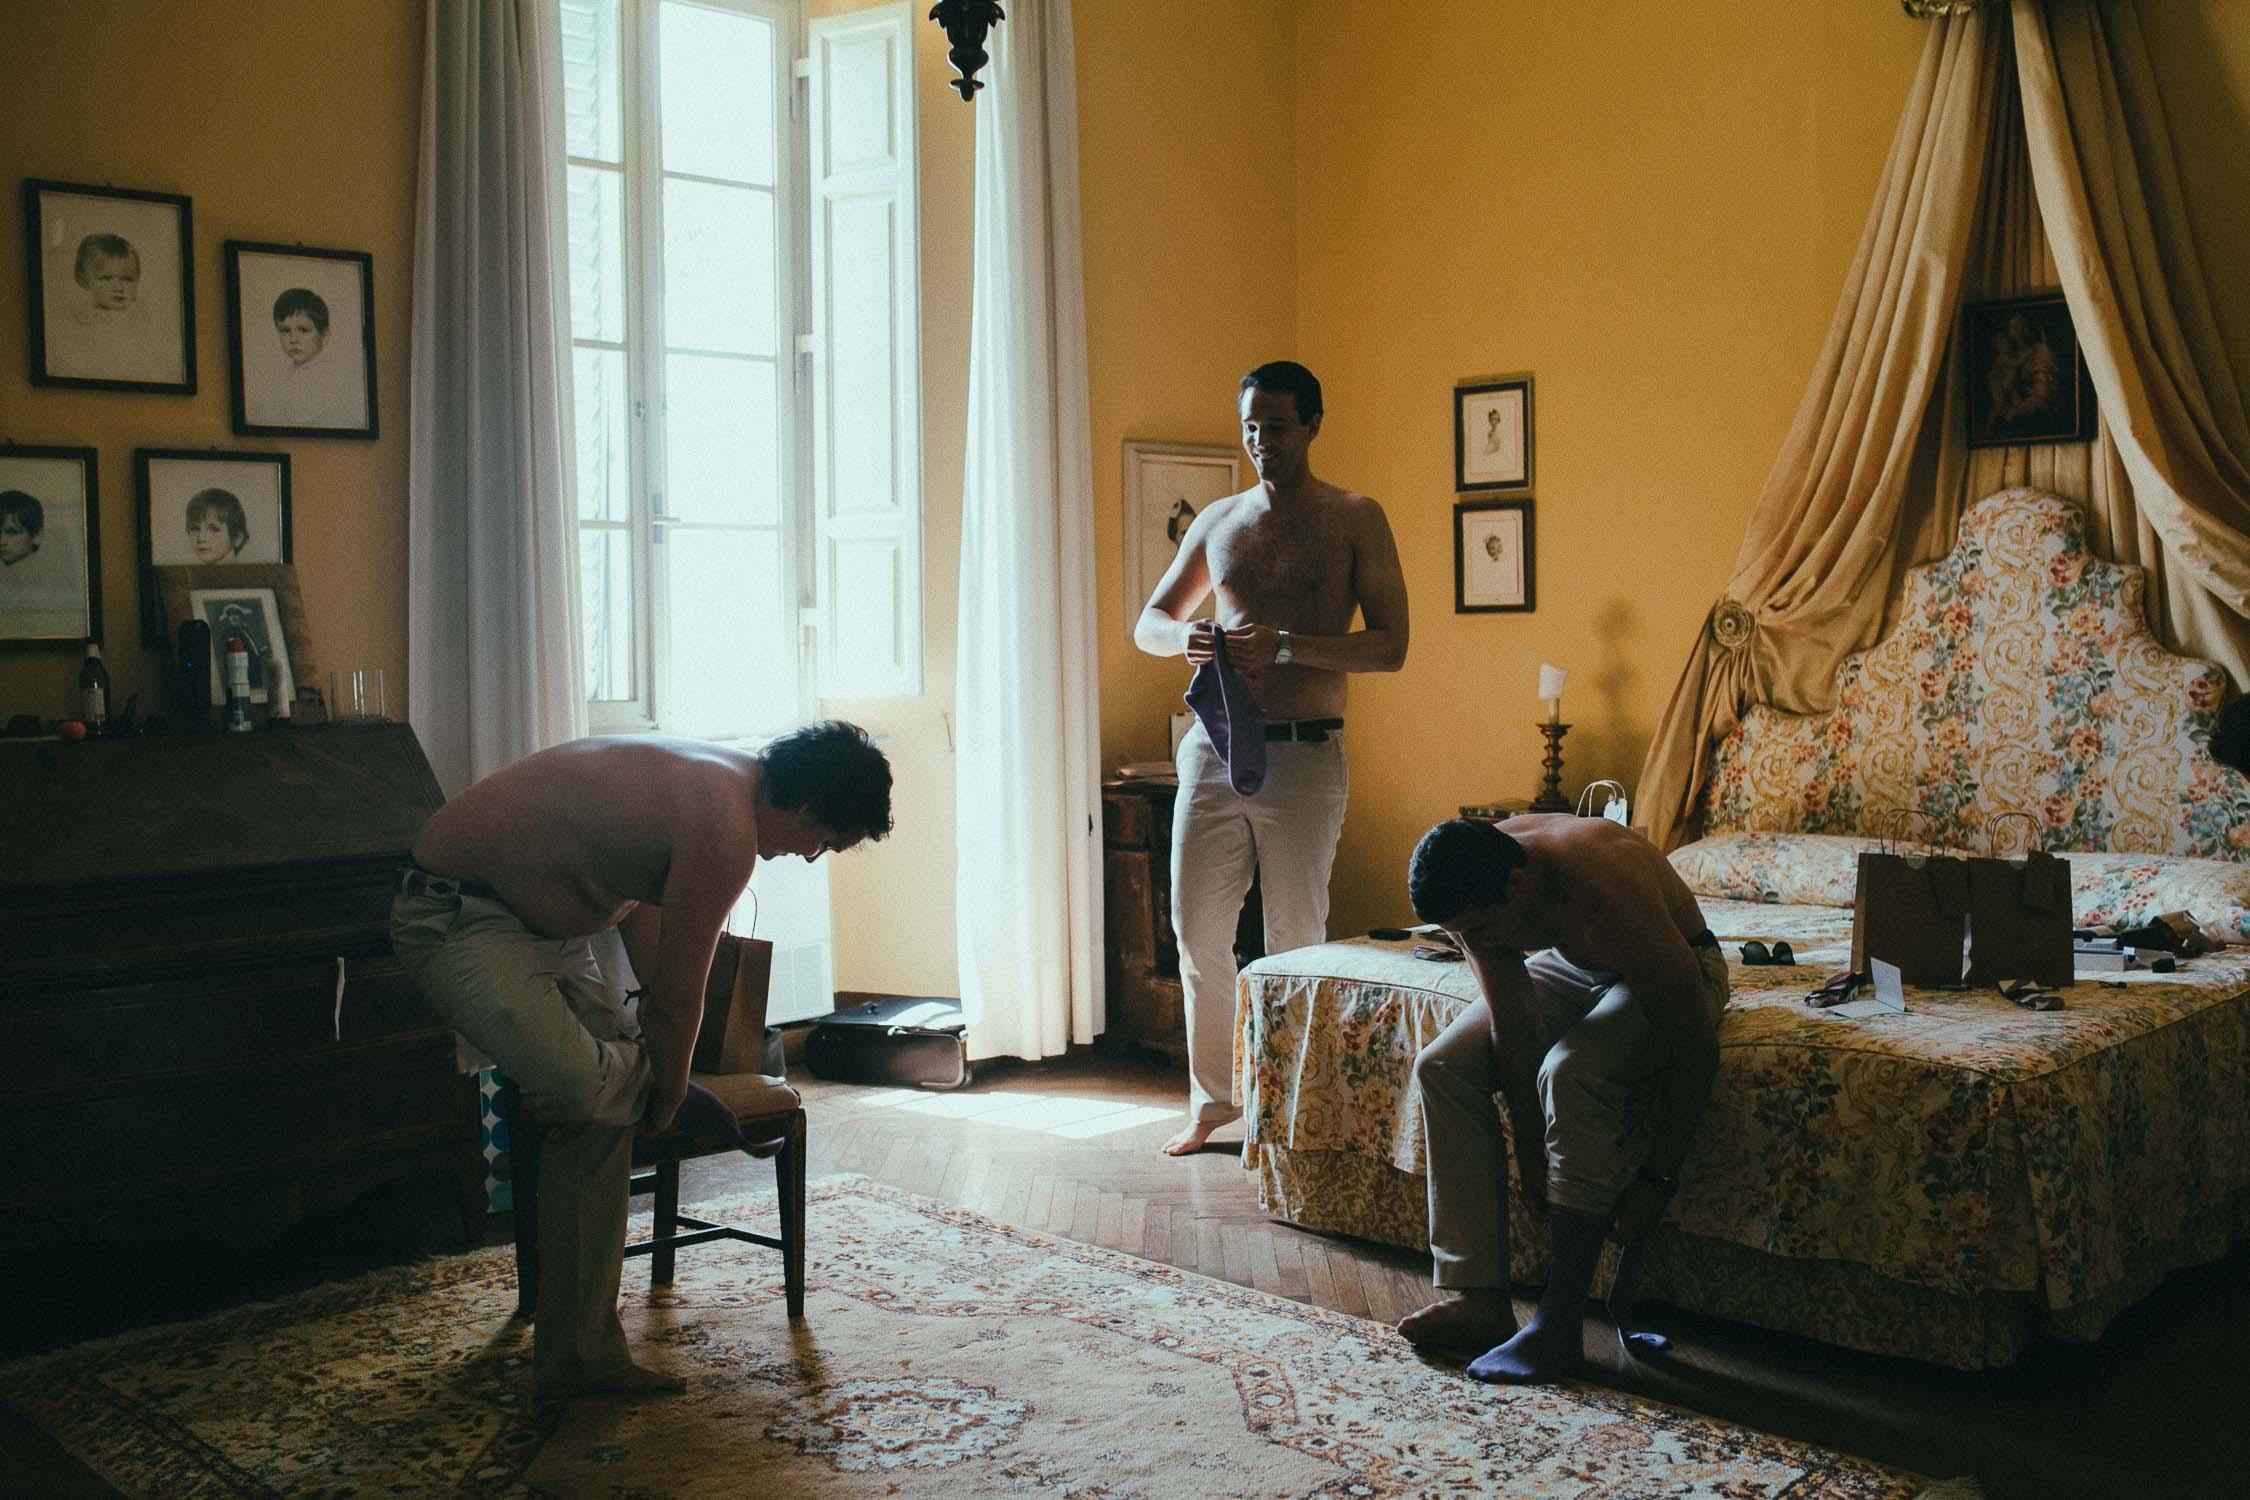 destiantion-wedding-in-tuscany-getting-ready (15).jpg